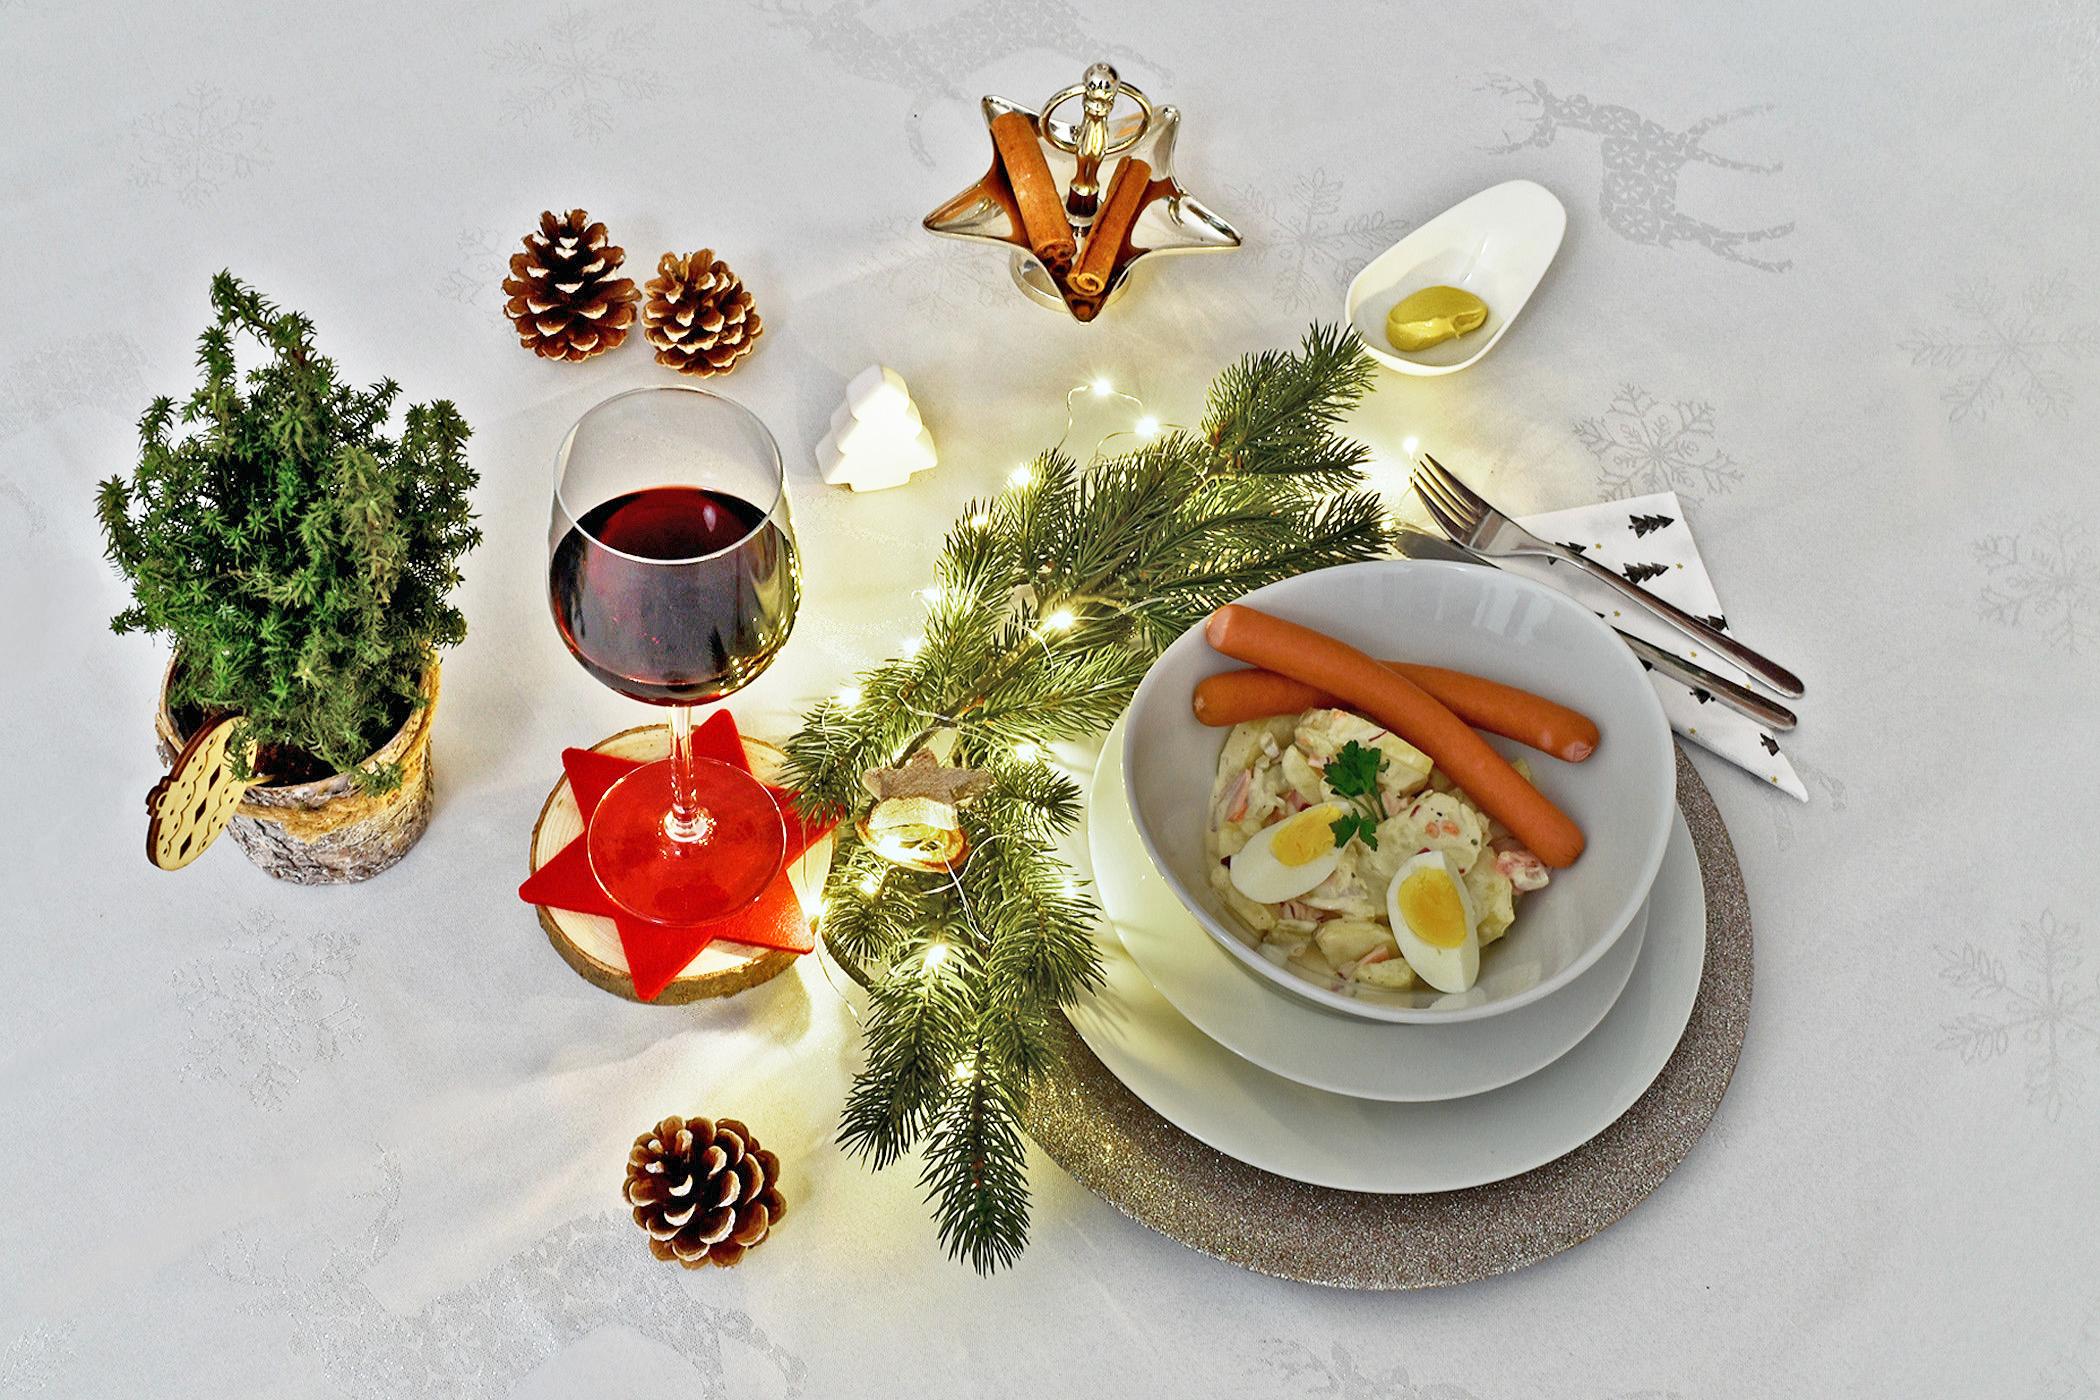 Aldi Weihnachtsessen.Supermarkt Preisvergleich Lokal Vs Online Deutsche Müssen Für